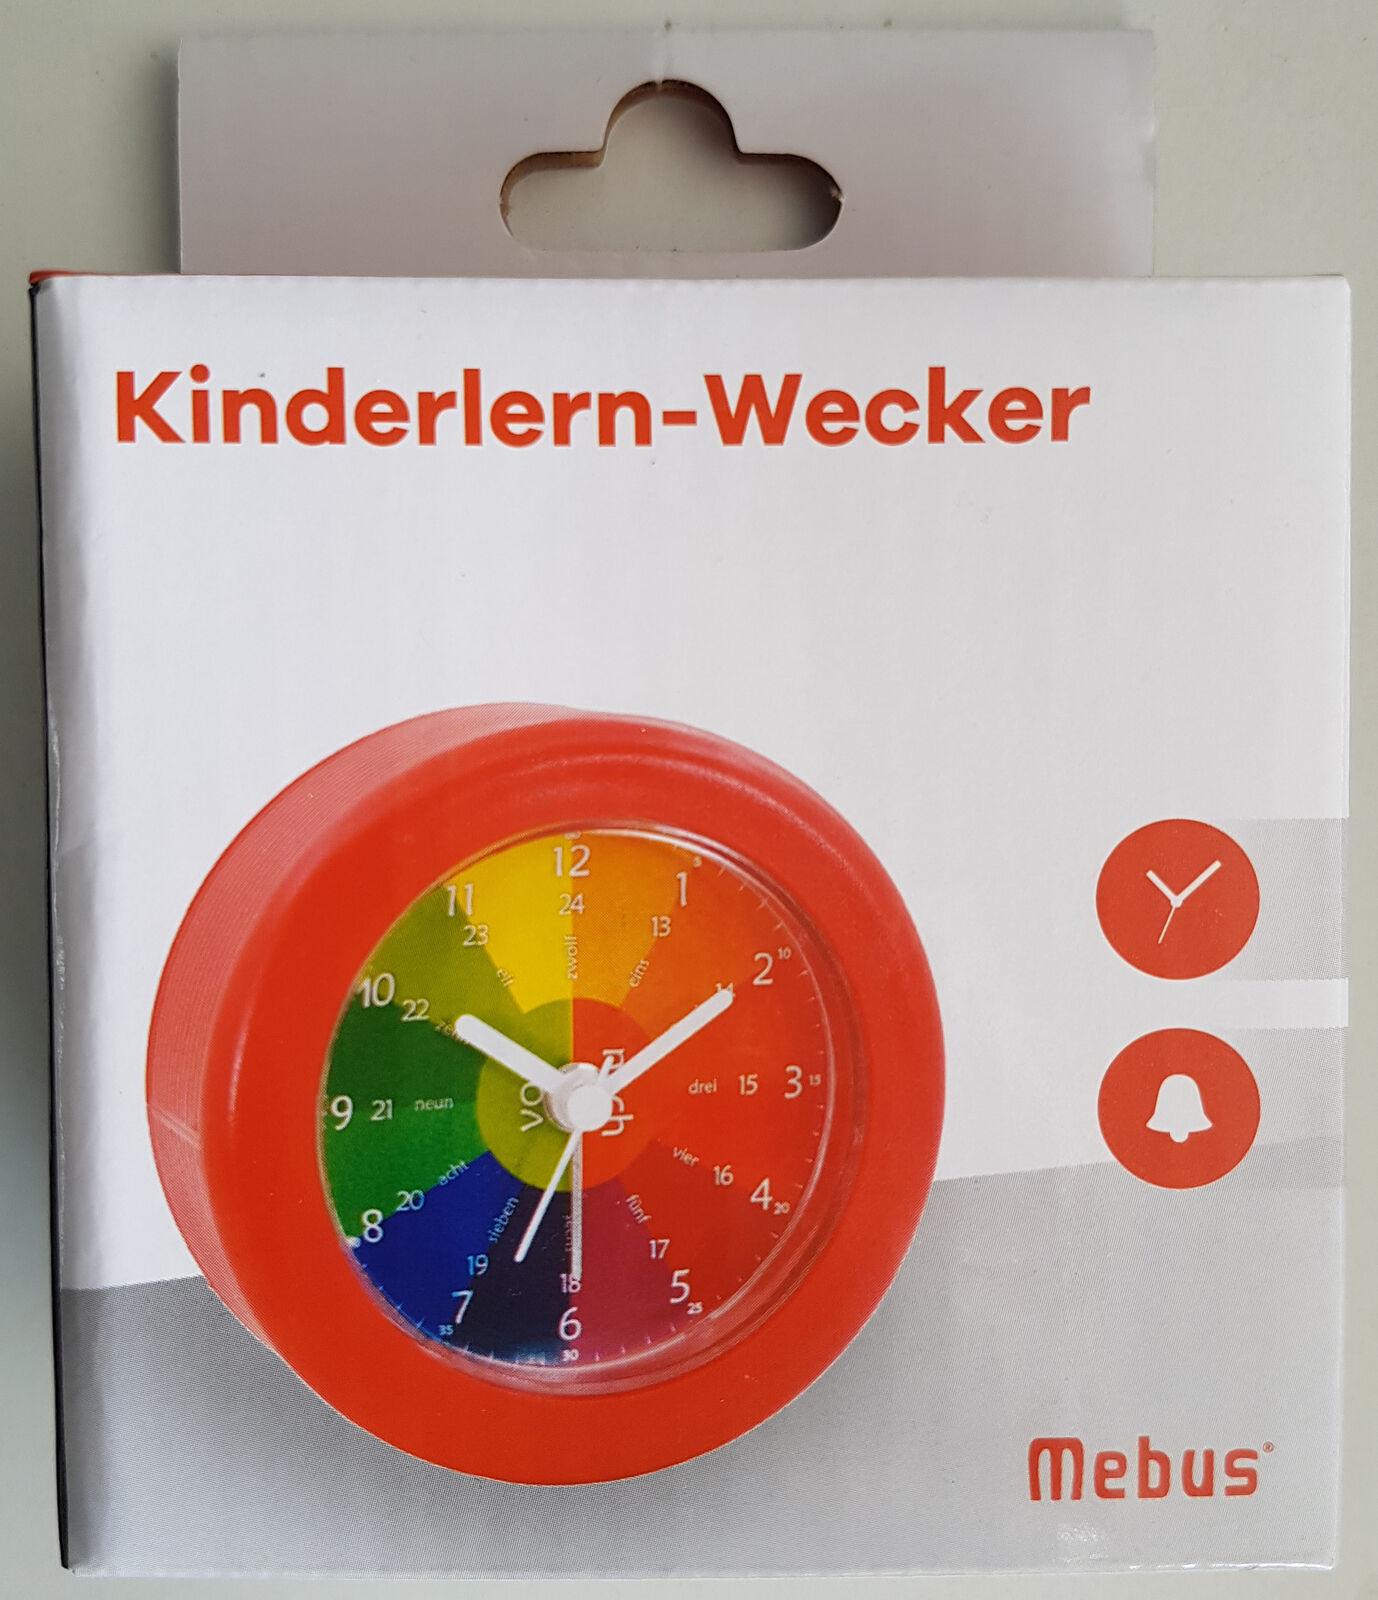 Mebus Kinderuhr Kinderlern-Wecker Uhr lernen Kinder Wecker Quarzuhrwerk NEU OVP